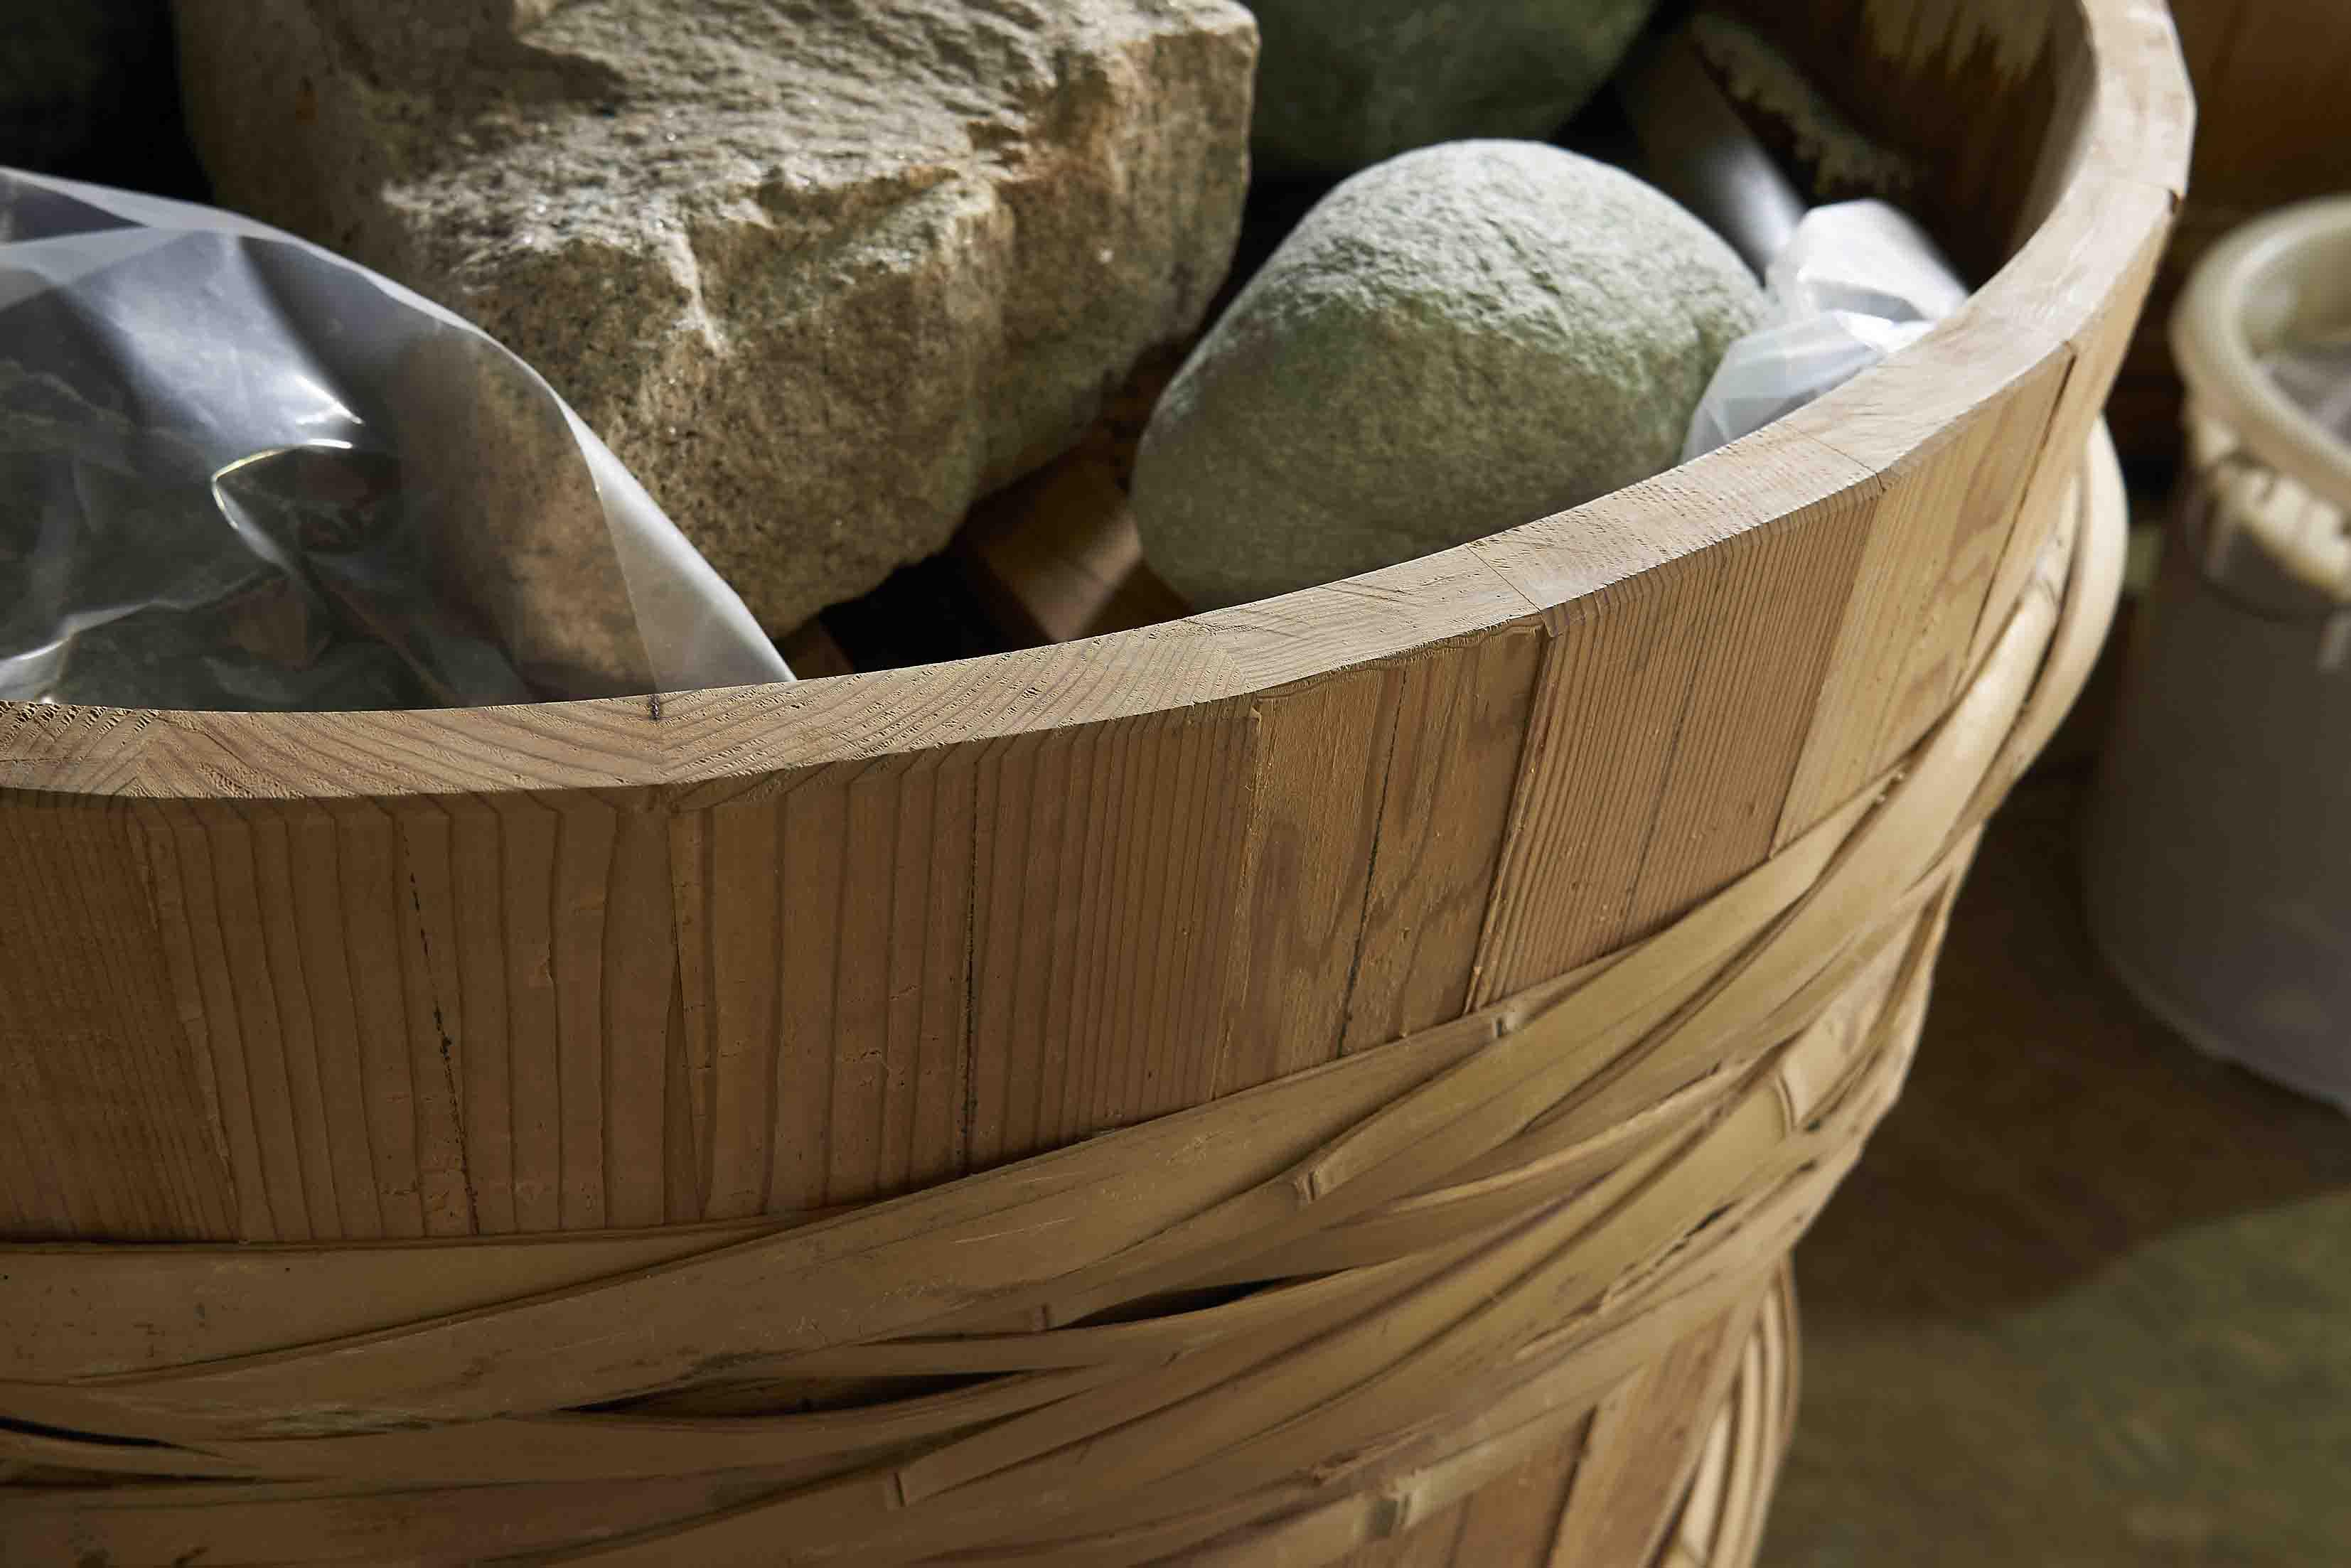 原田さんが初めて作った味噌樽